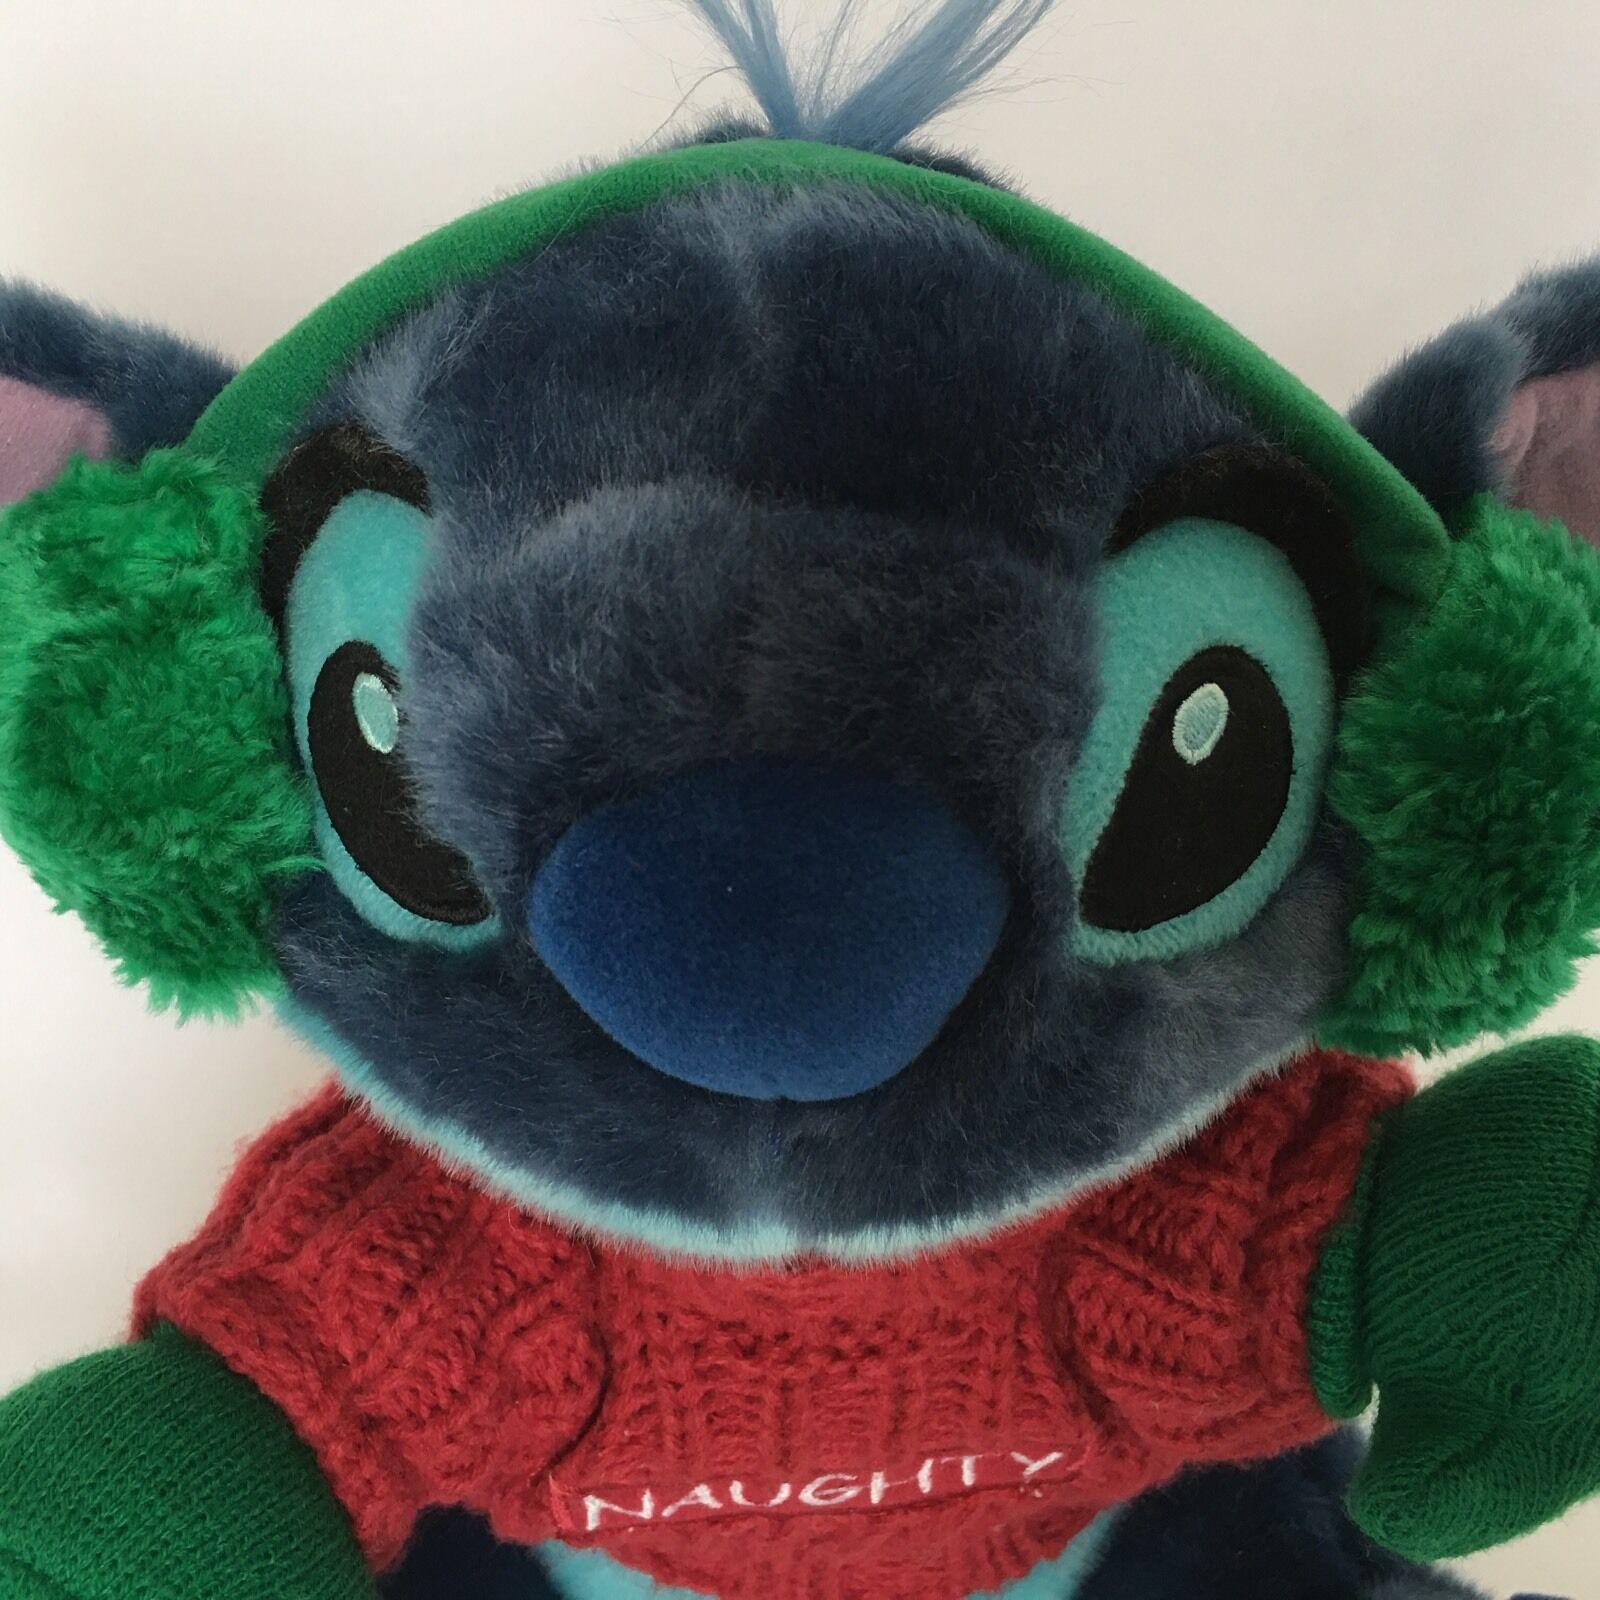 Disney Stitch From Lilo and Stitch Plush Blue Naughty Christmas Stuffed Animal image 3